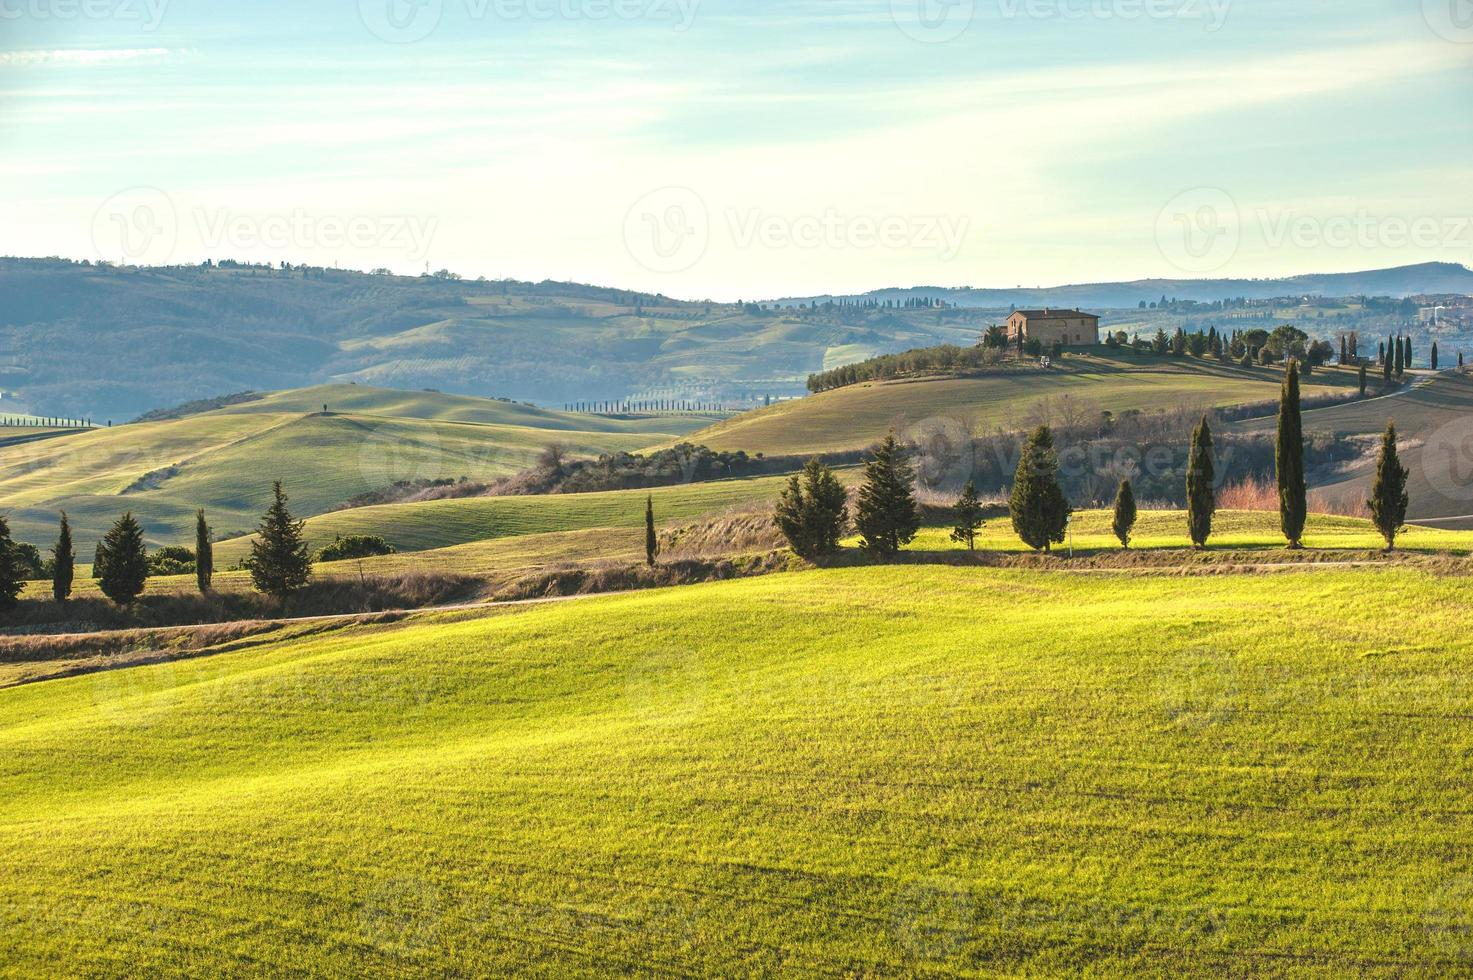 künstlerische toskanische Landschaft mit Zypressen, gewellten Feldern und Haus foto